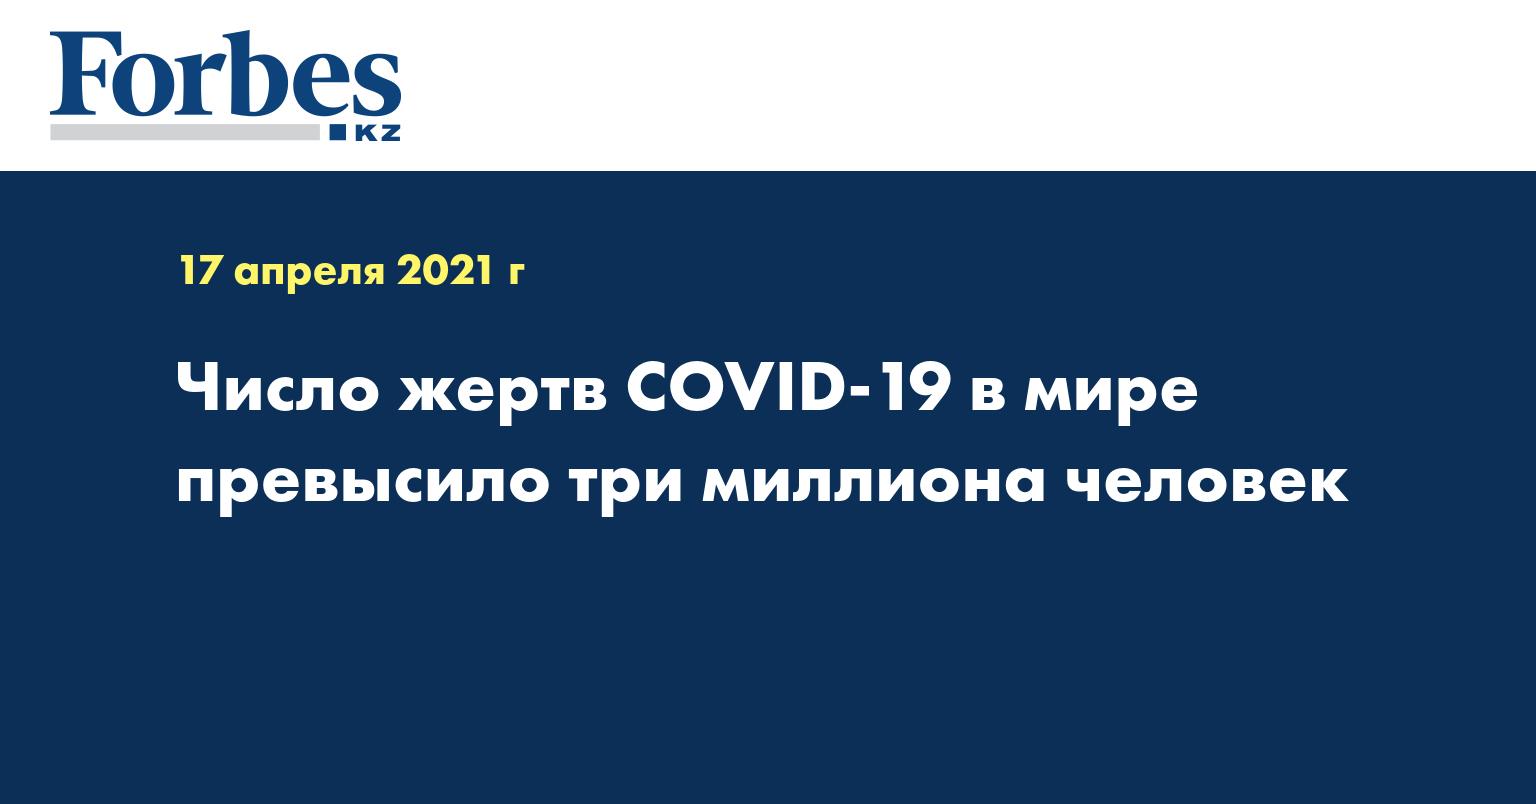 Число жертв COVID-19 в мире превысило три миллиона человек